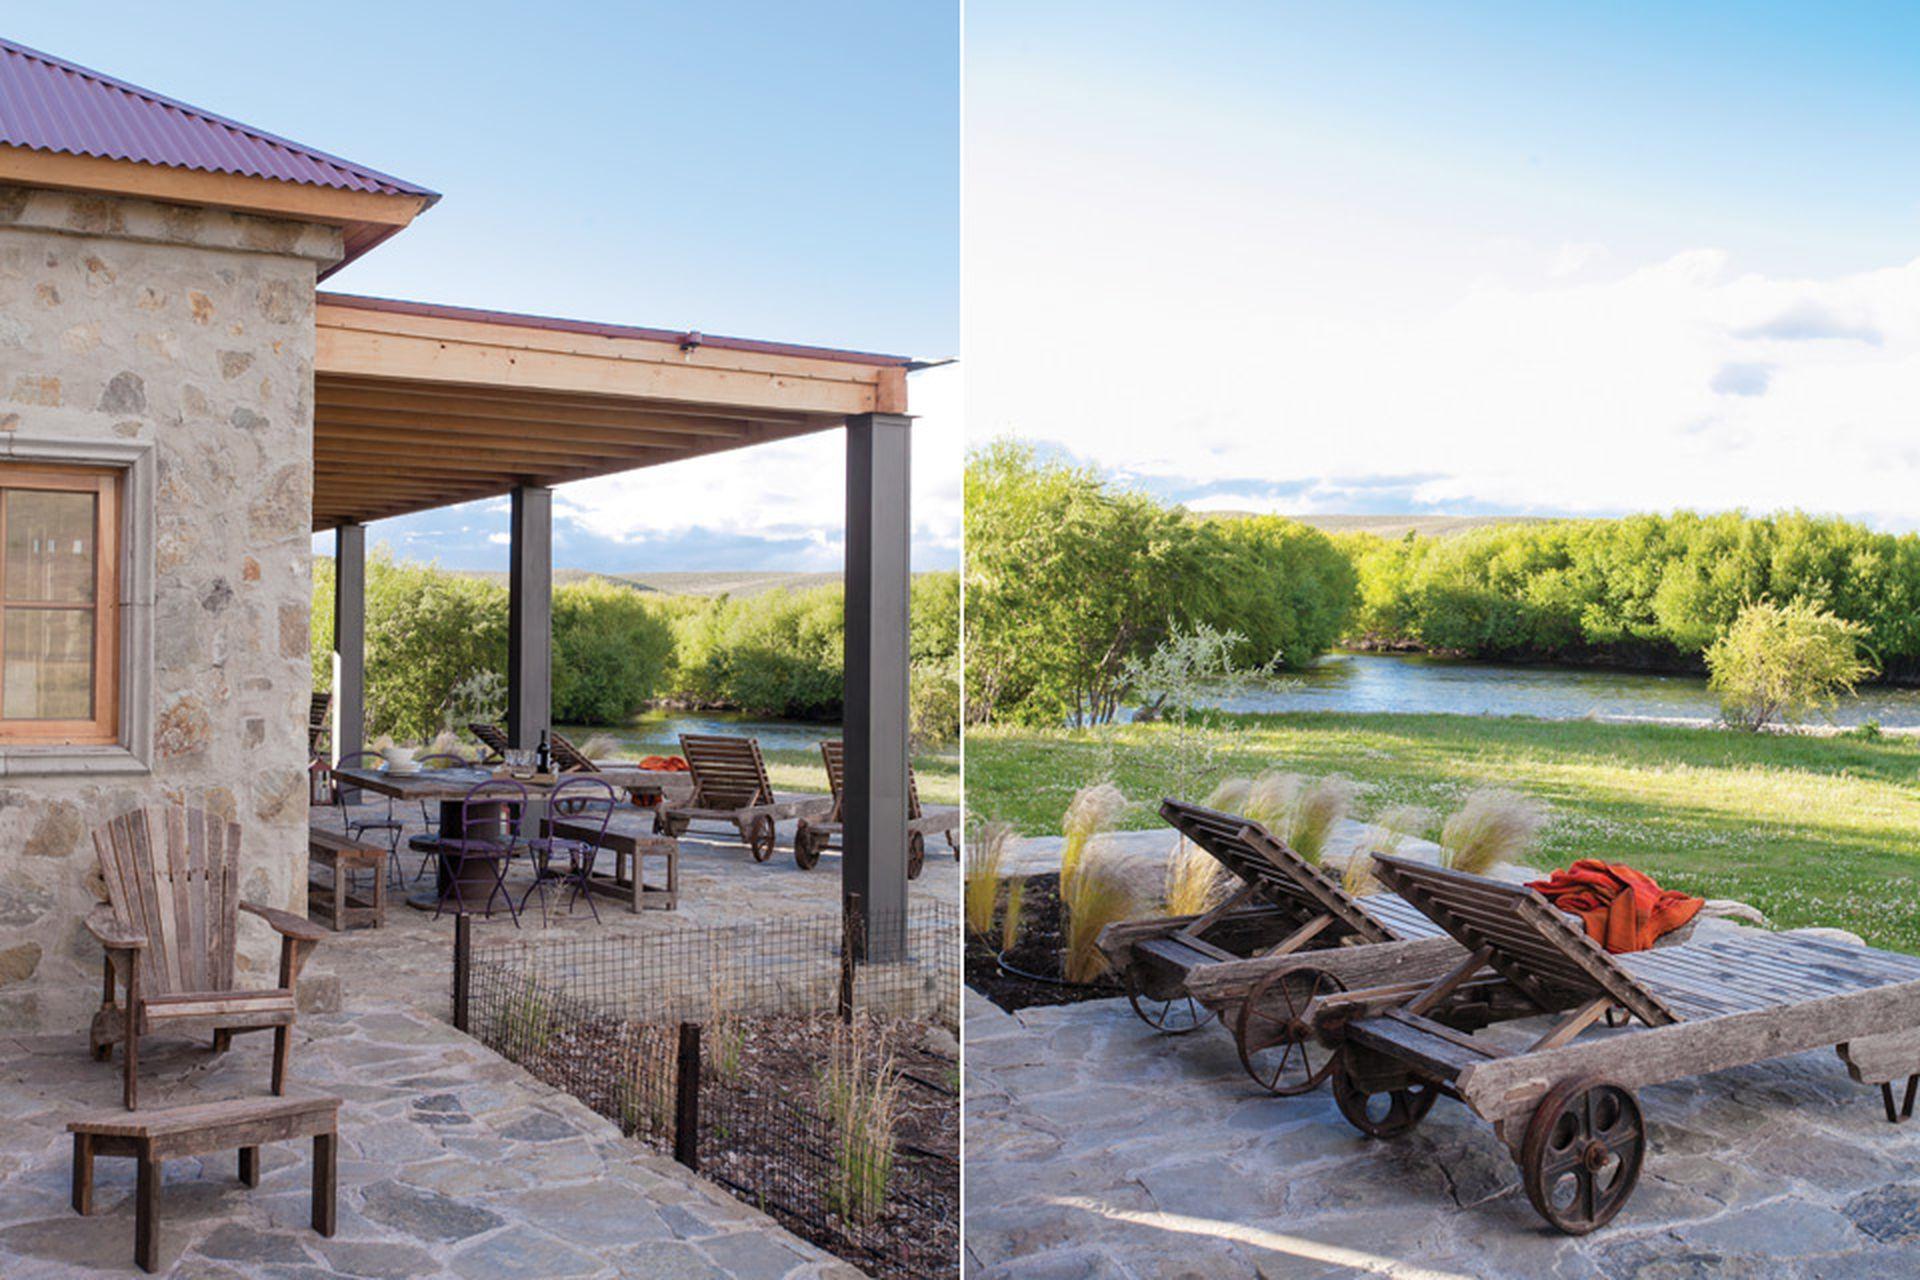 La terraza principal da hacia el río. Por eso, allí se colocaron las reposeras de madera de lapacho.